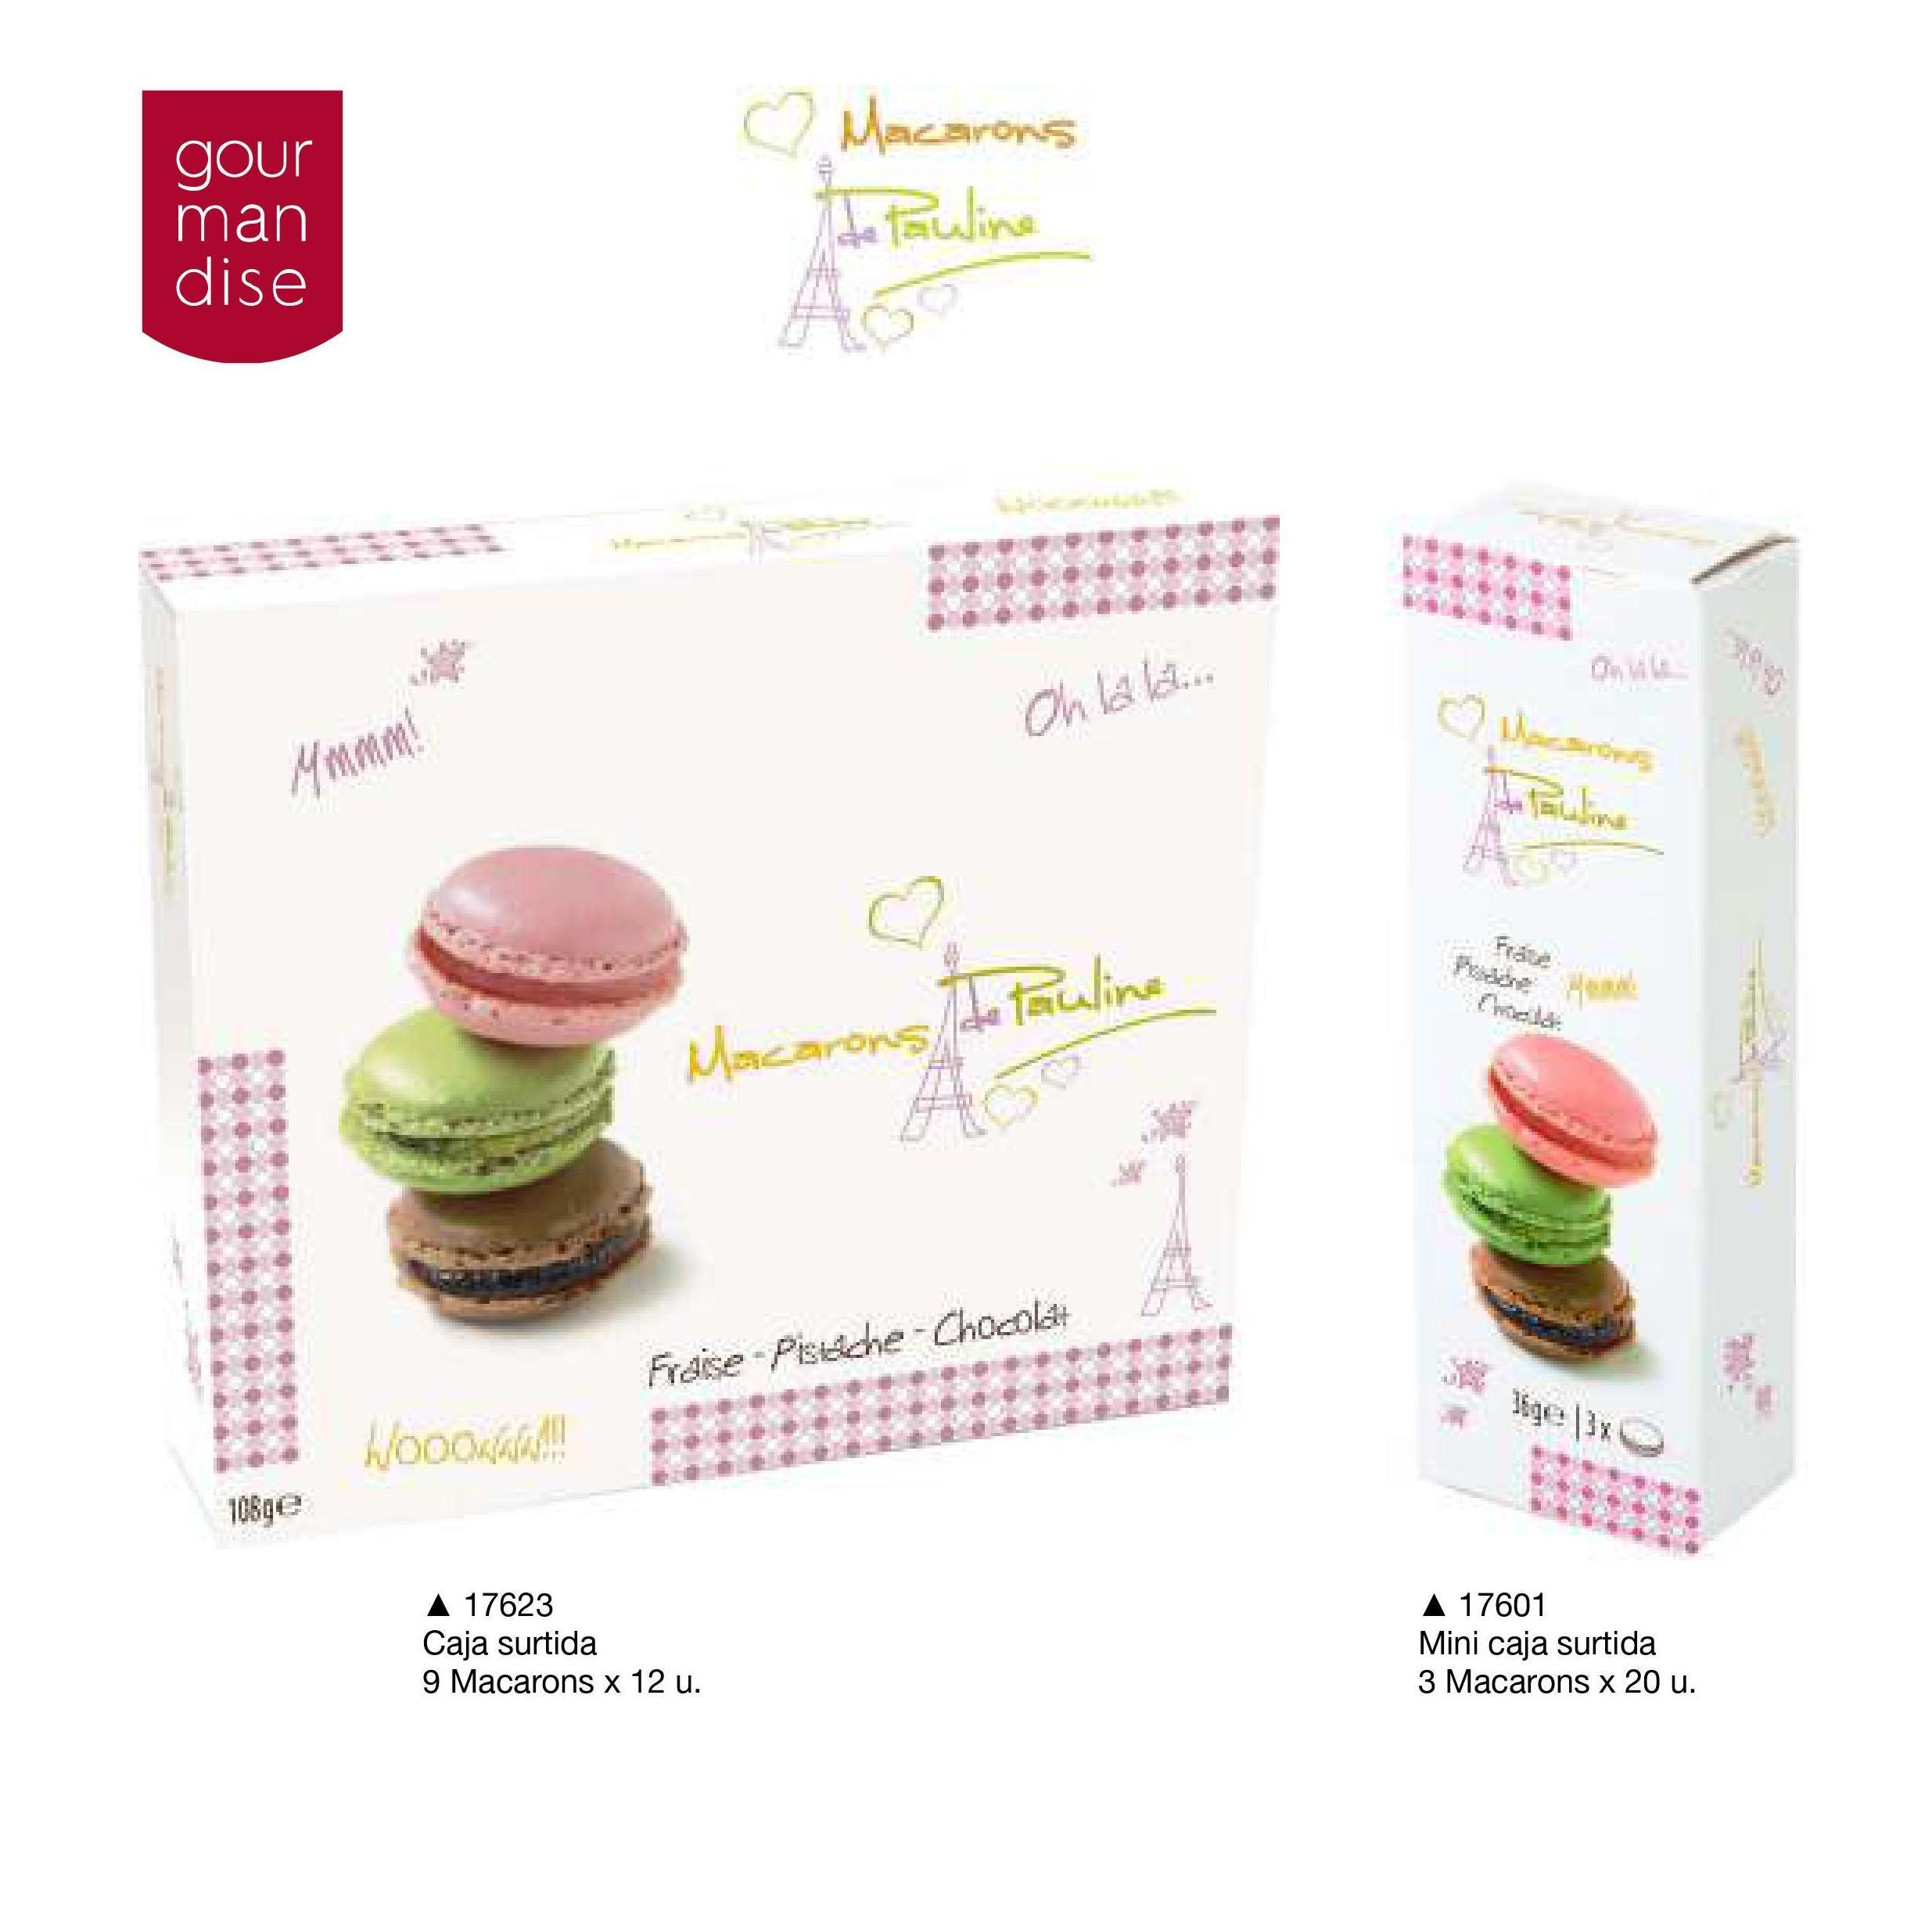 Macarons de Pauline: Productos de Casa Bastida